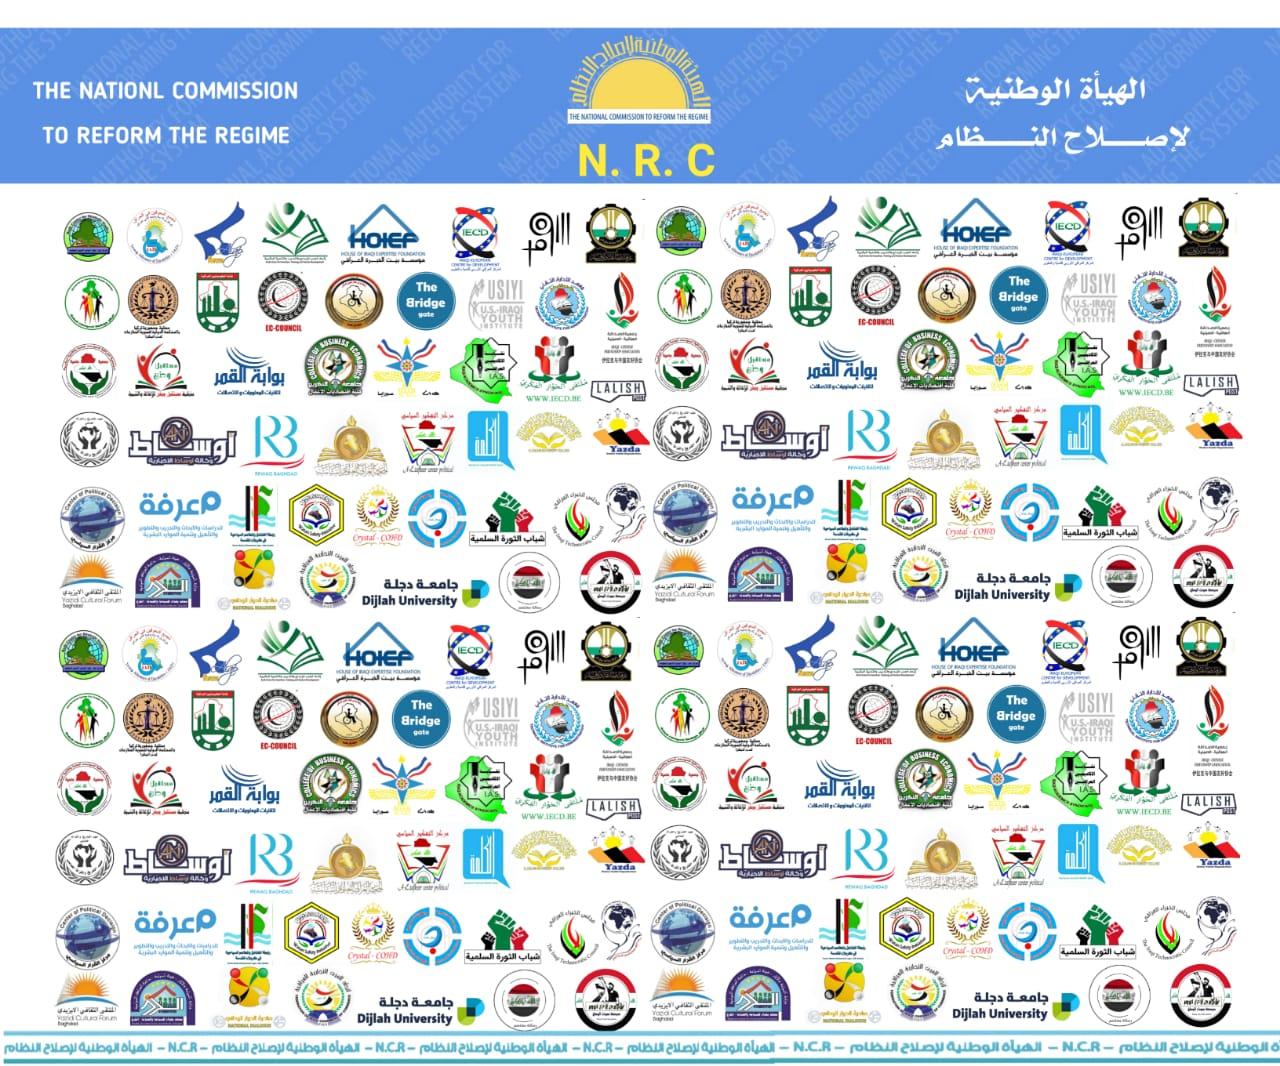 بعد قليل …سورايا تشارك في إعلان وثيقة الإصلاح النظام السياسي والادري للهيئة الوطنية لإصلاح النظام التي تعلن  اليوم من بغداد